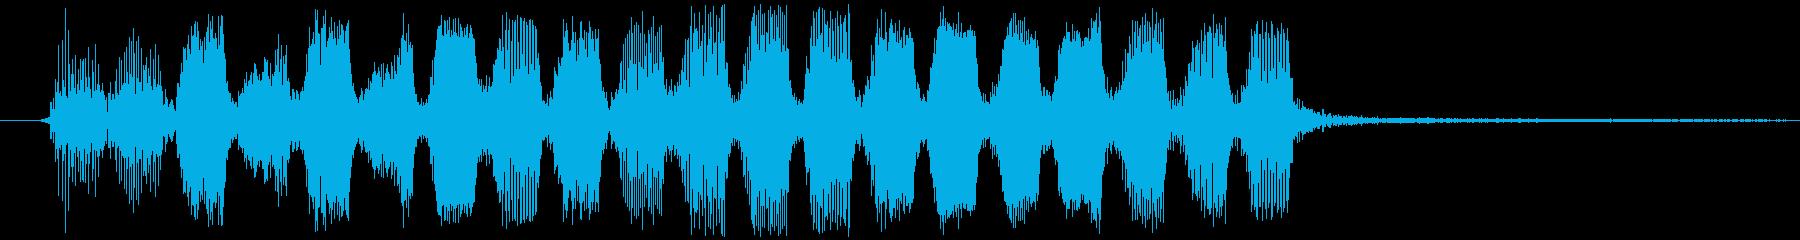 コミカルで変な効果音・出現音の再生済みの波形